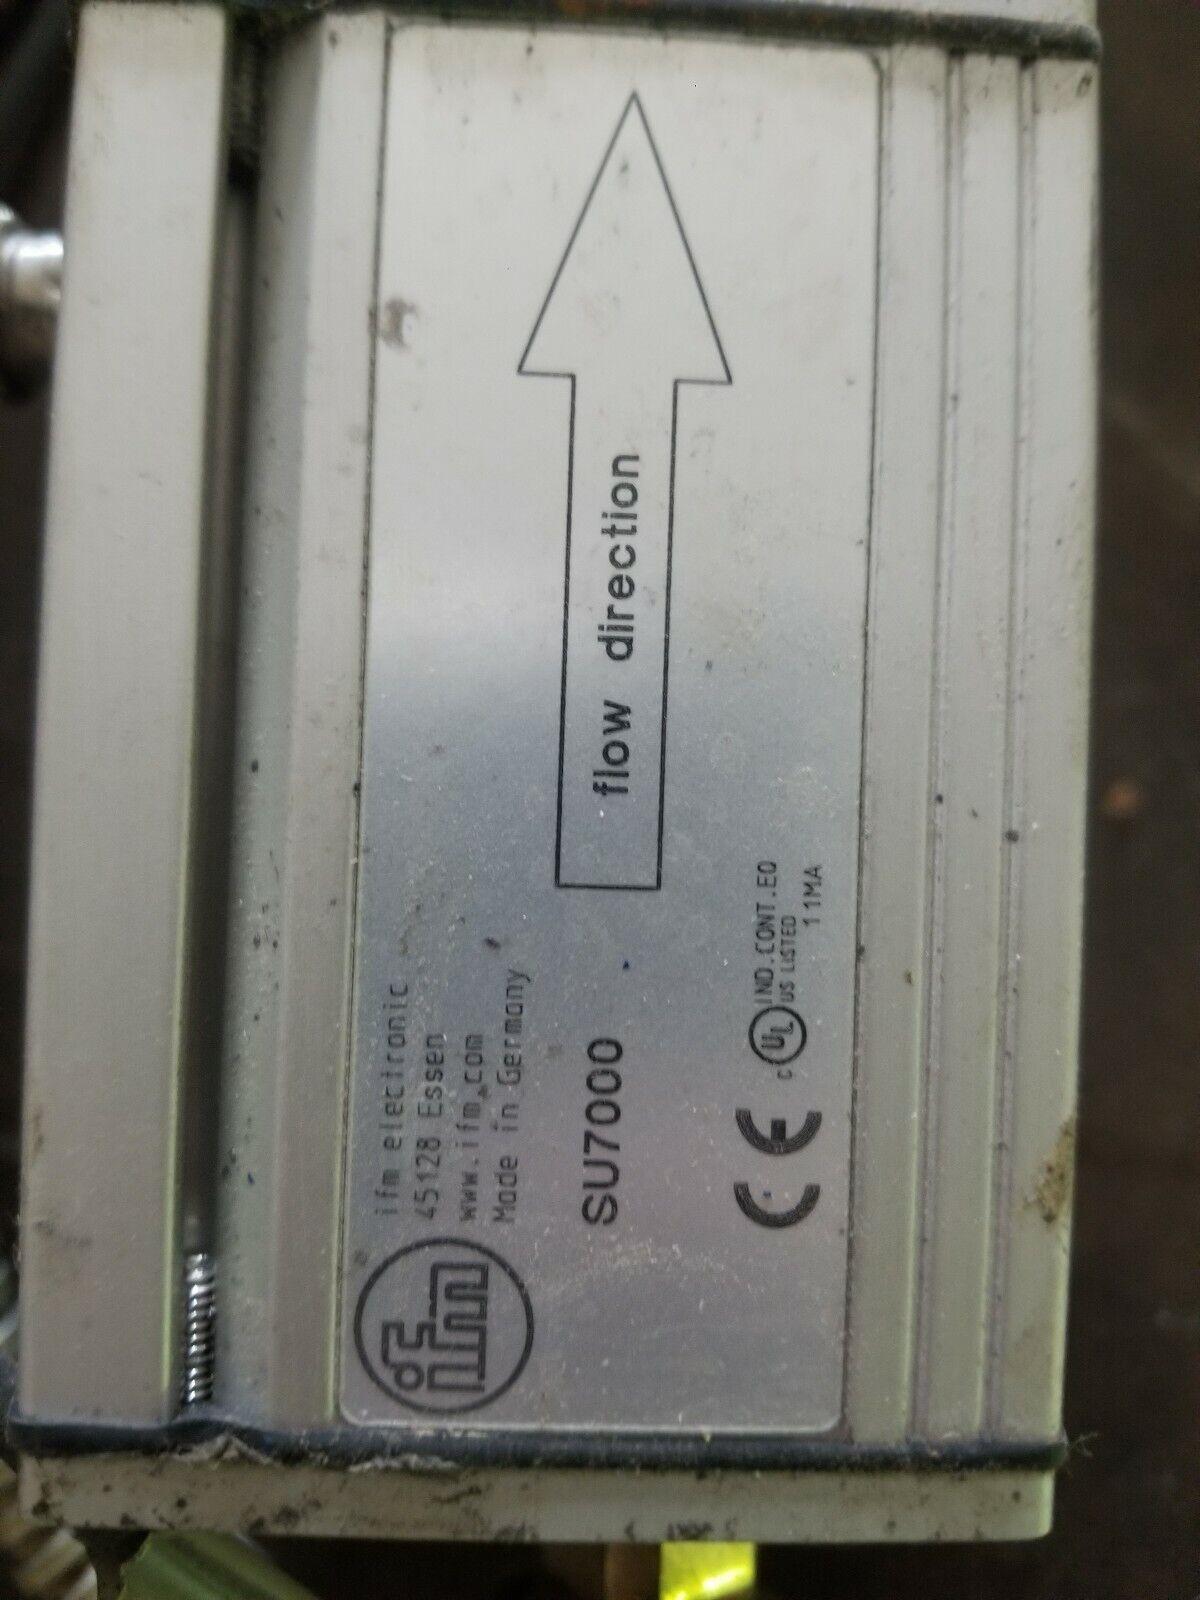 IFM SU7000 Ultrasonic Flow Meter, USED, Powers Up - $150.00